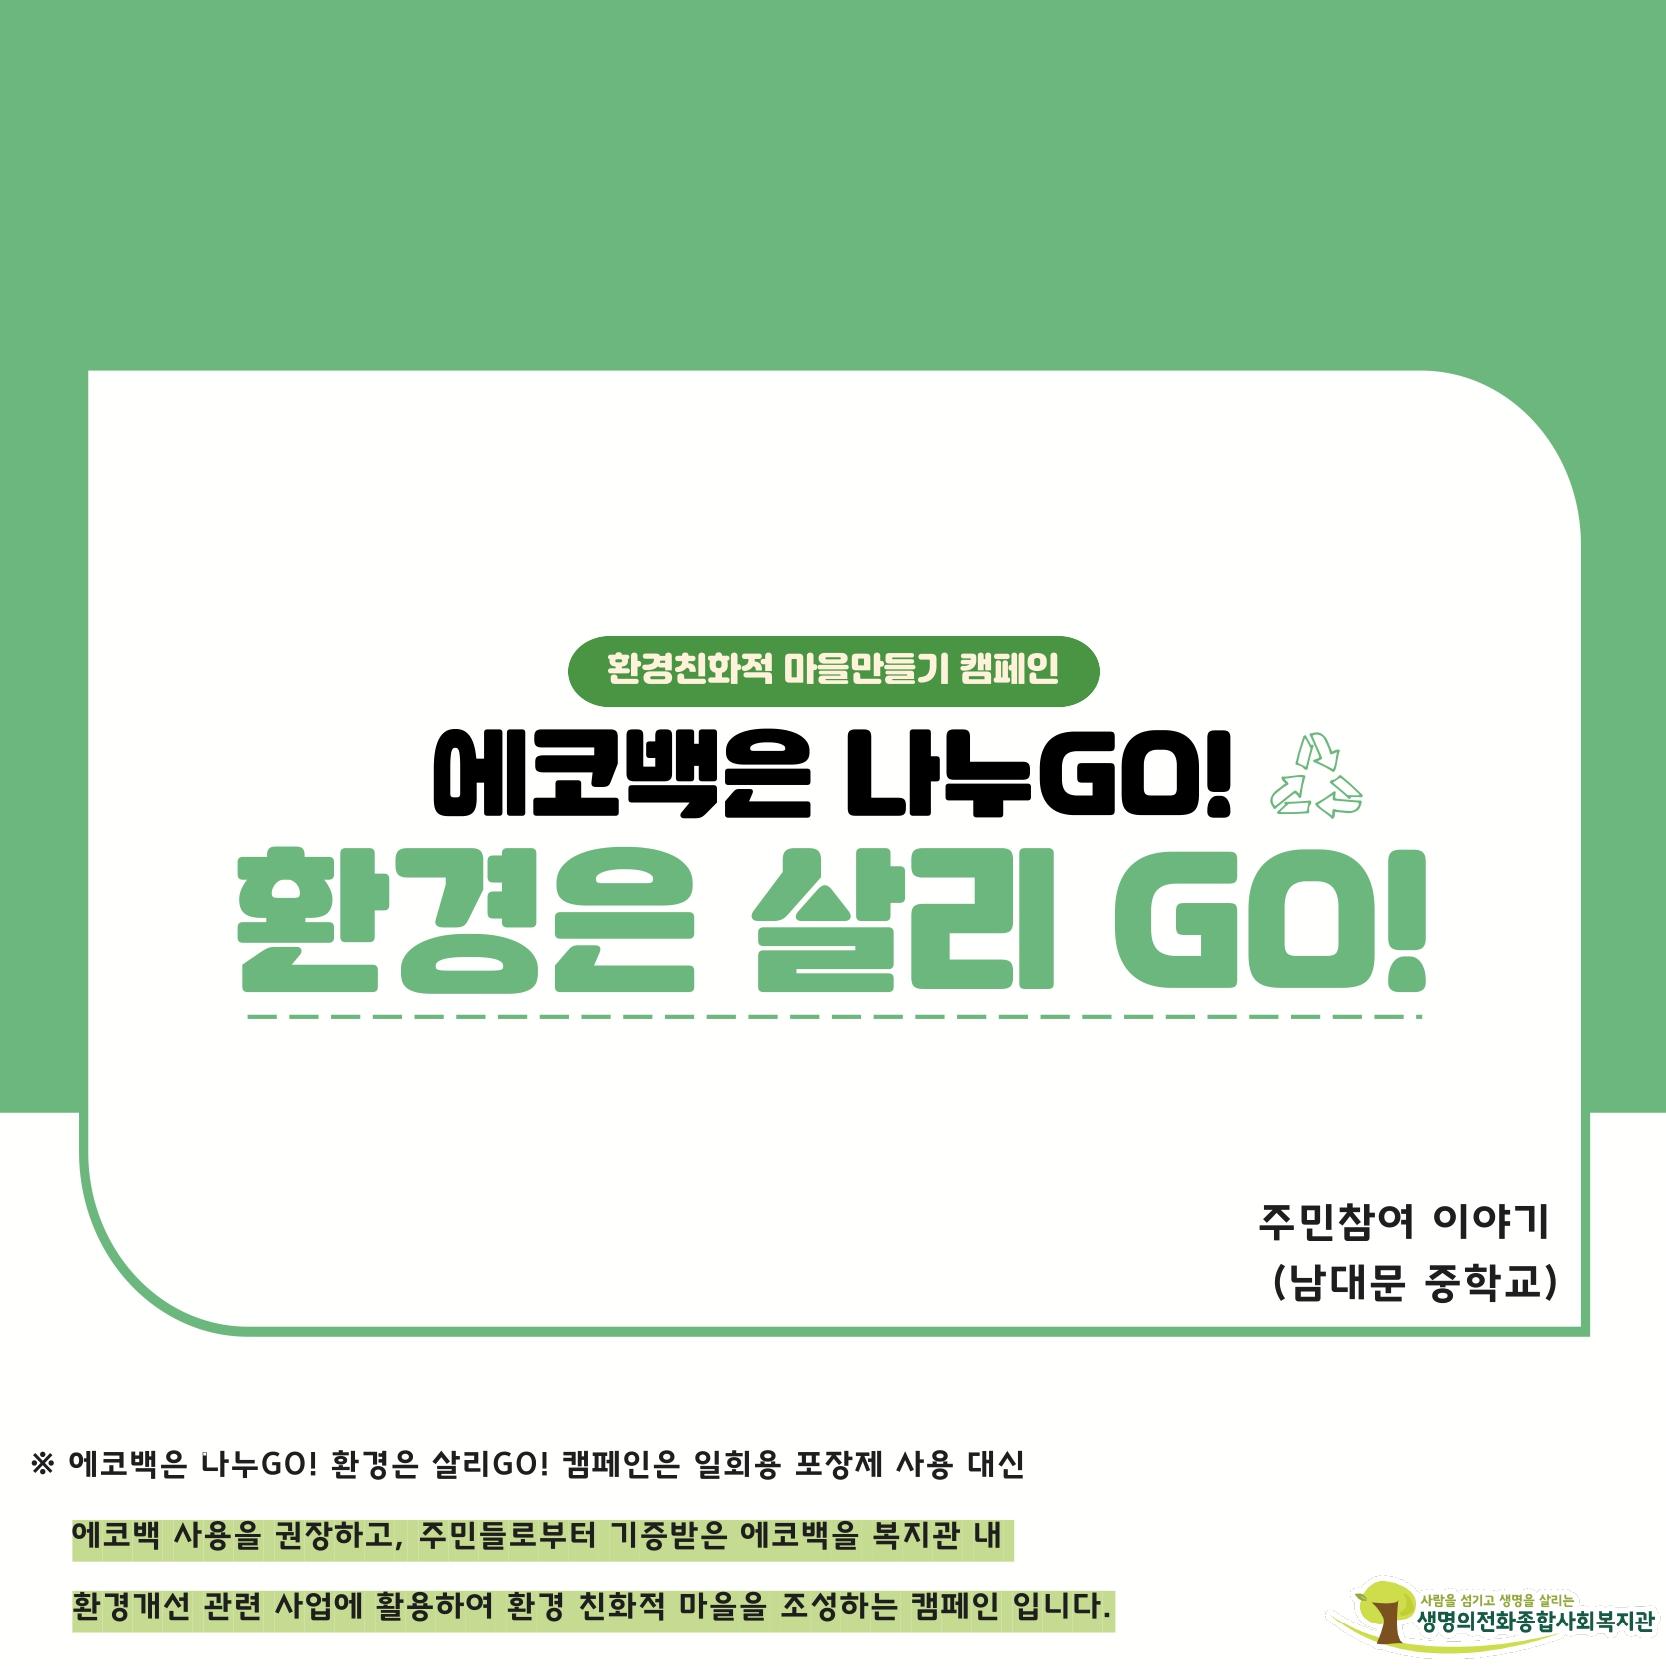 [마을공동체] 「에코백은 나누GO! 환경은 살리GO! …